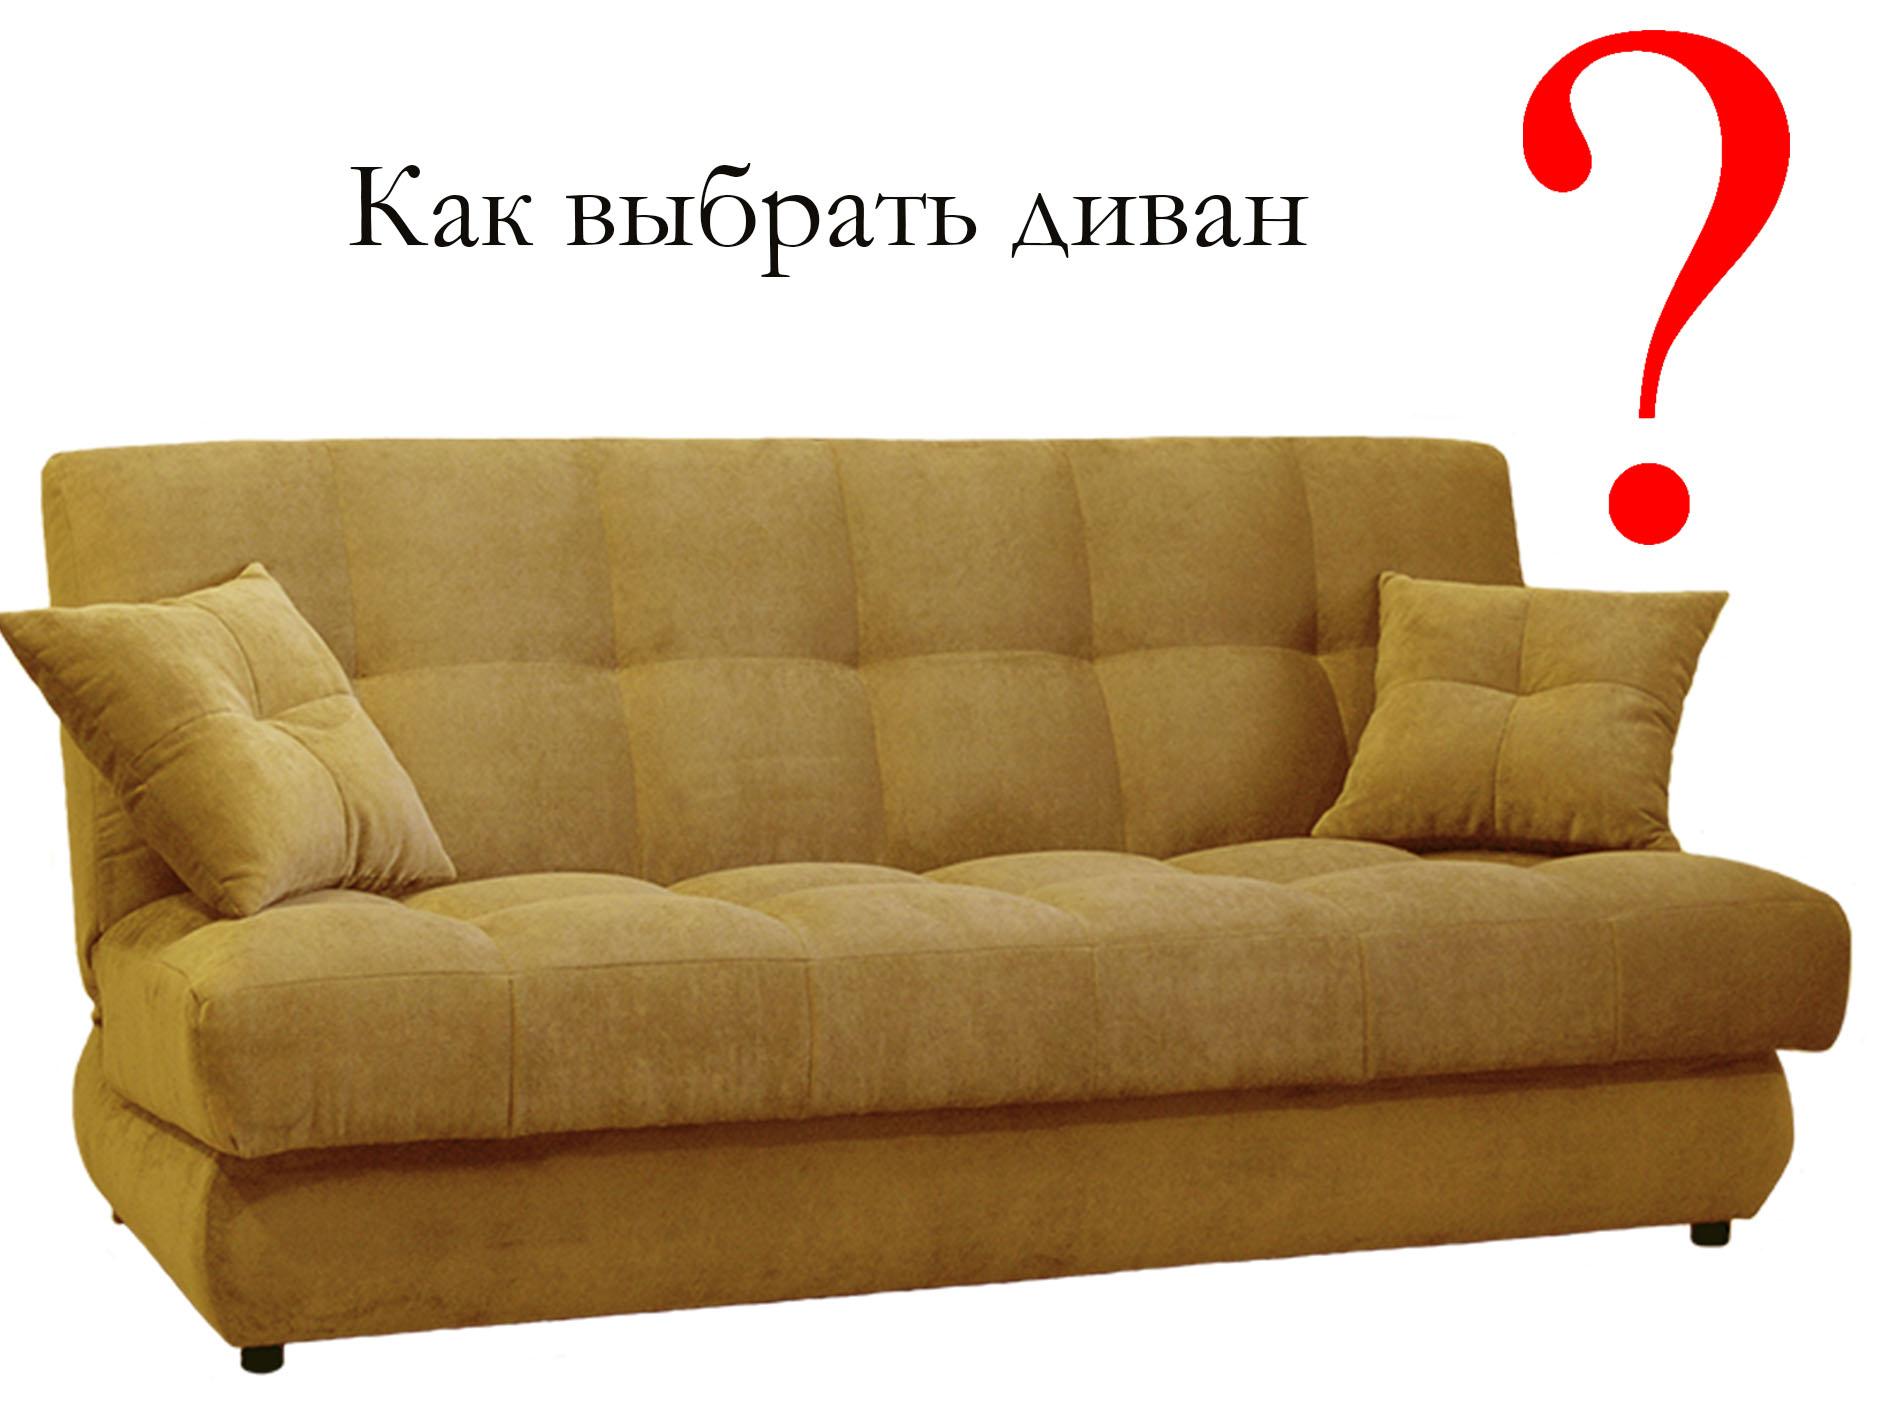 https://5-dom.ru/images/upload/123324.jpg